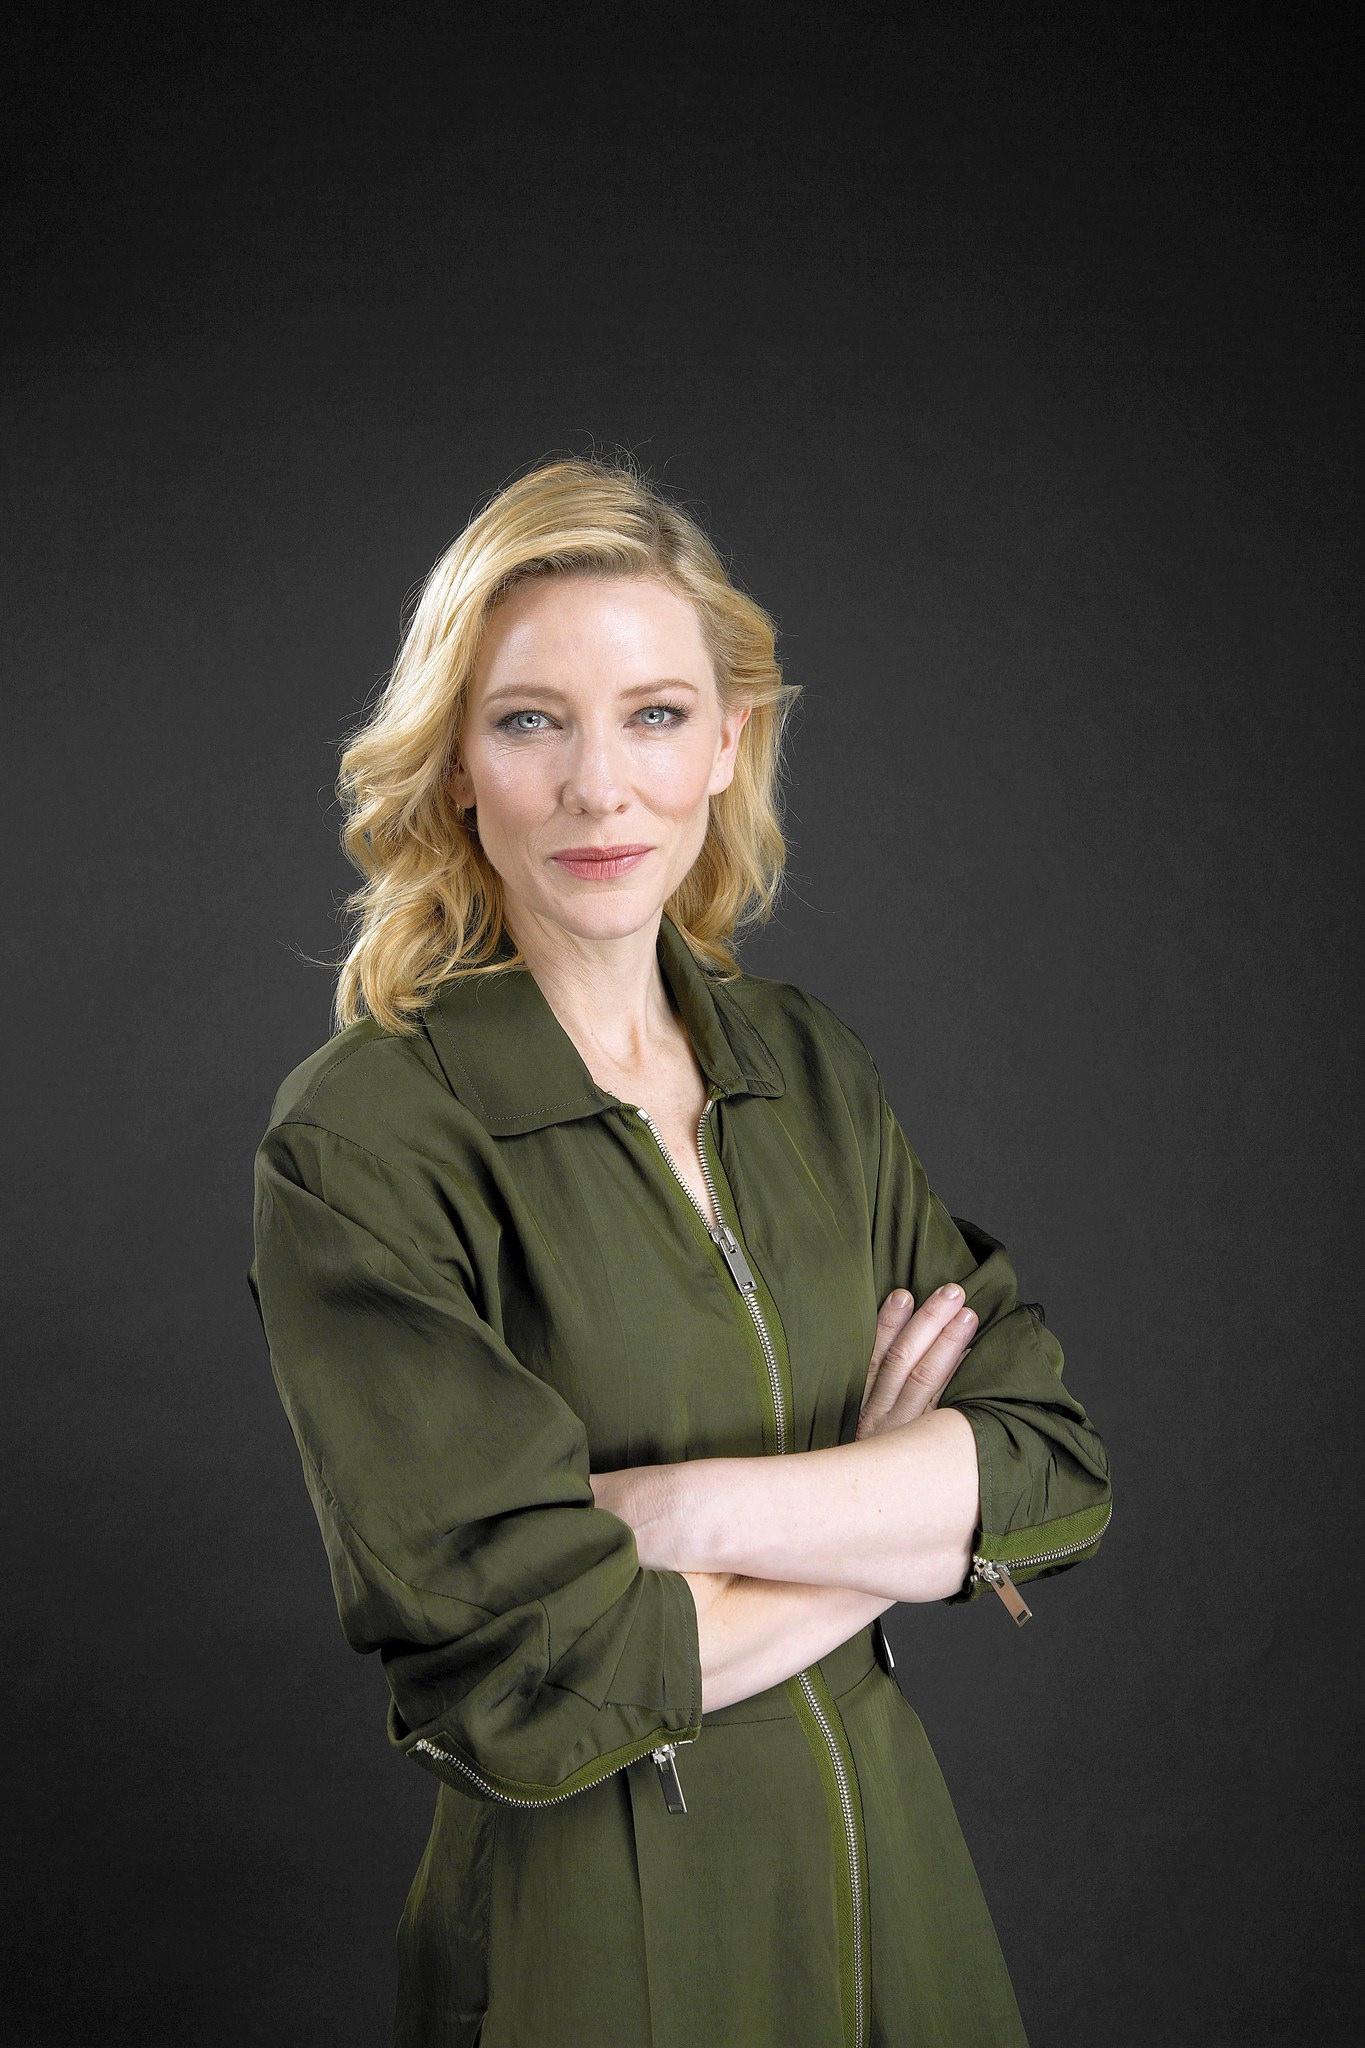 Cate Blanchett photo 1...